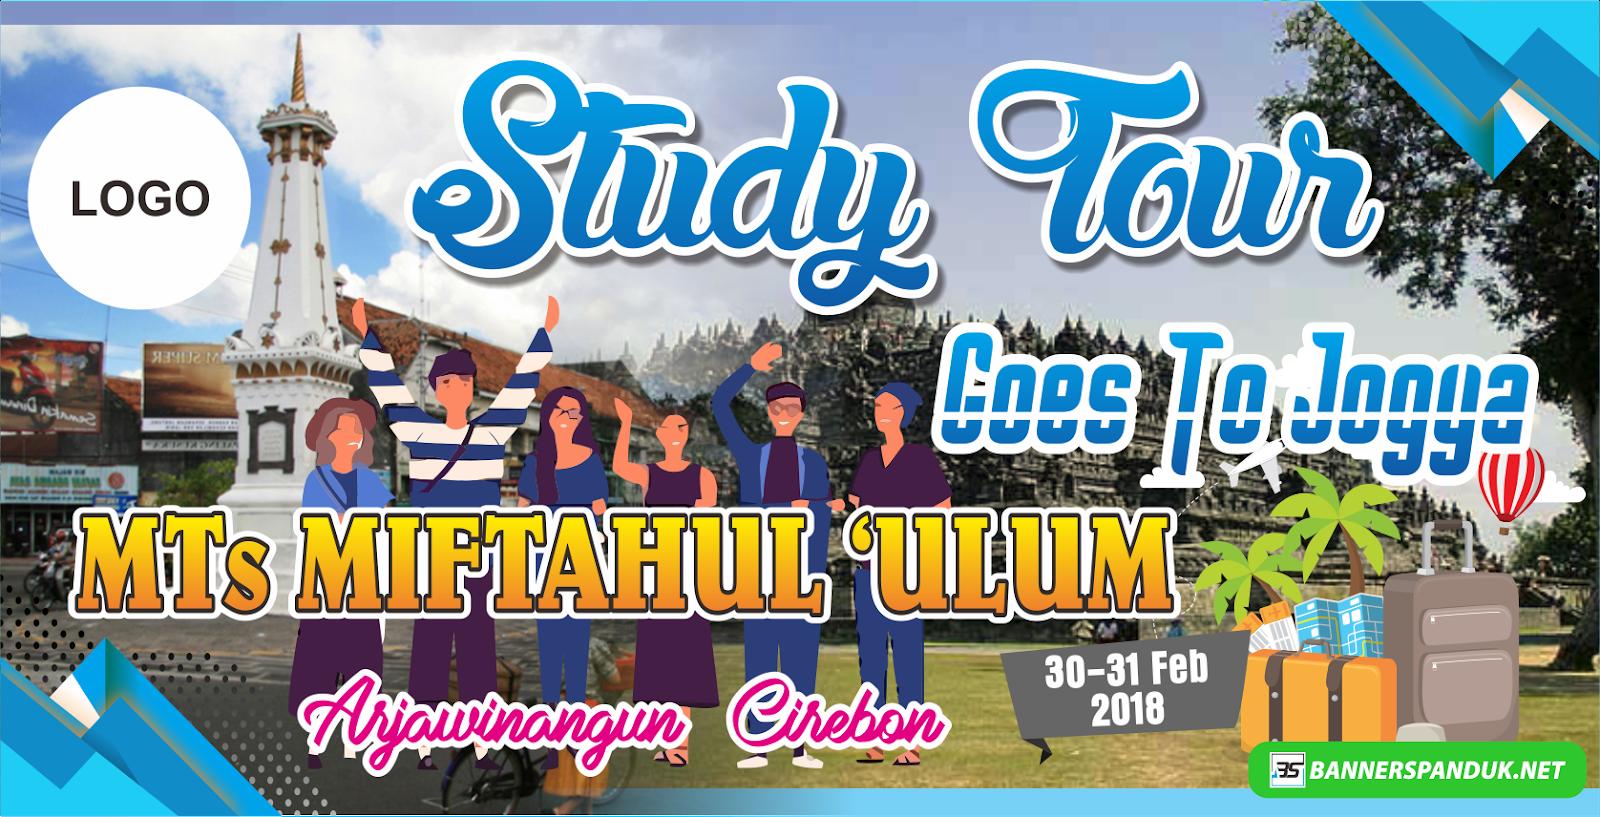 Contoh Announcement Study Tour To Bali - Druckerzubehr 77 Blog